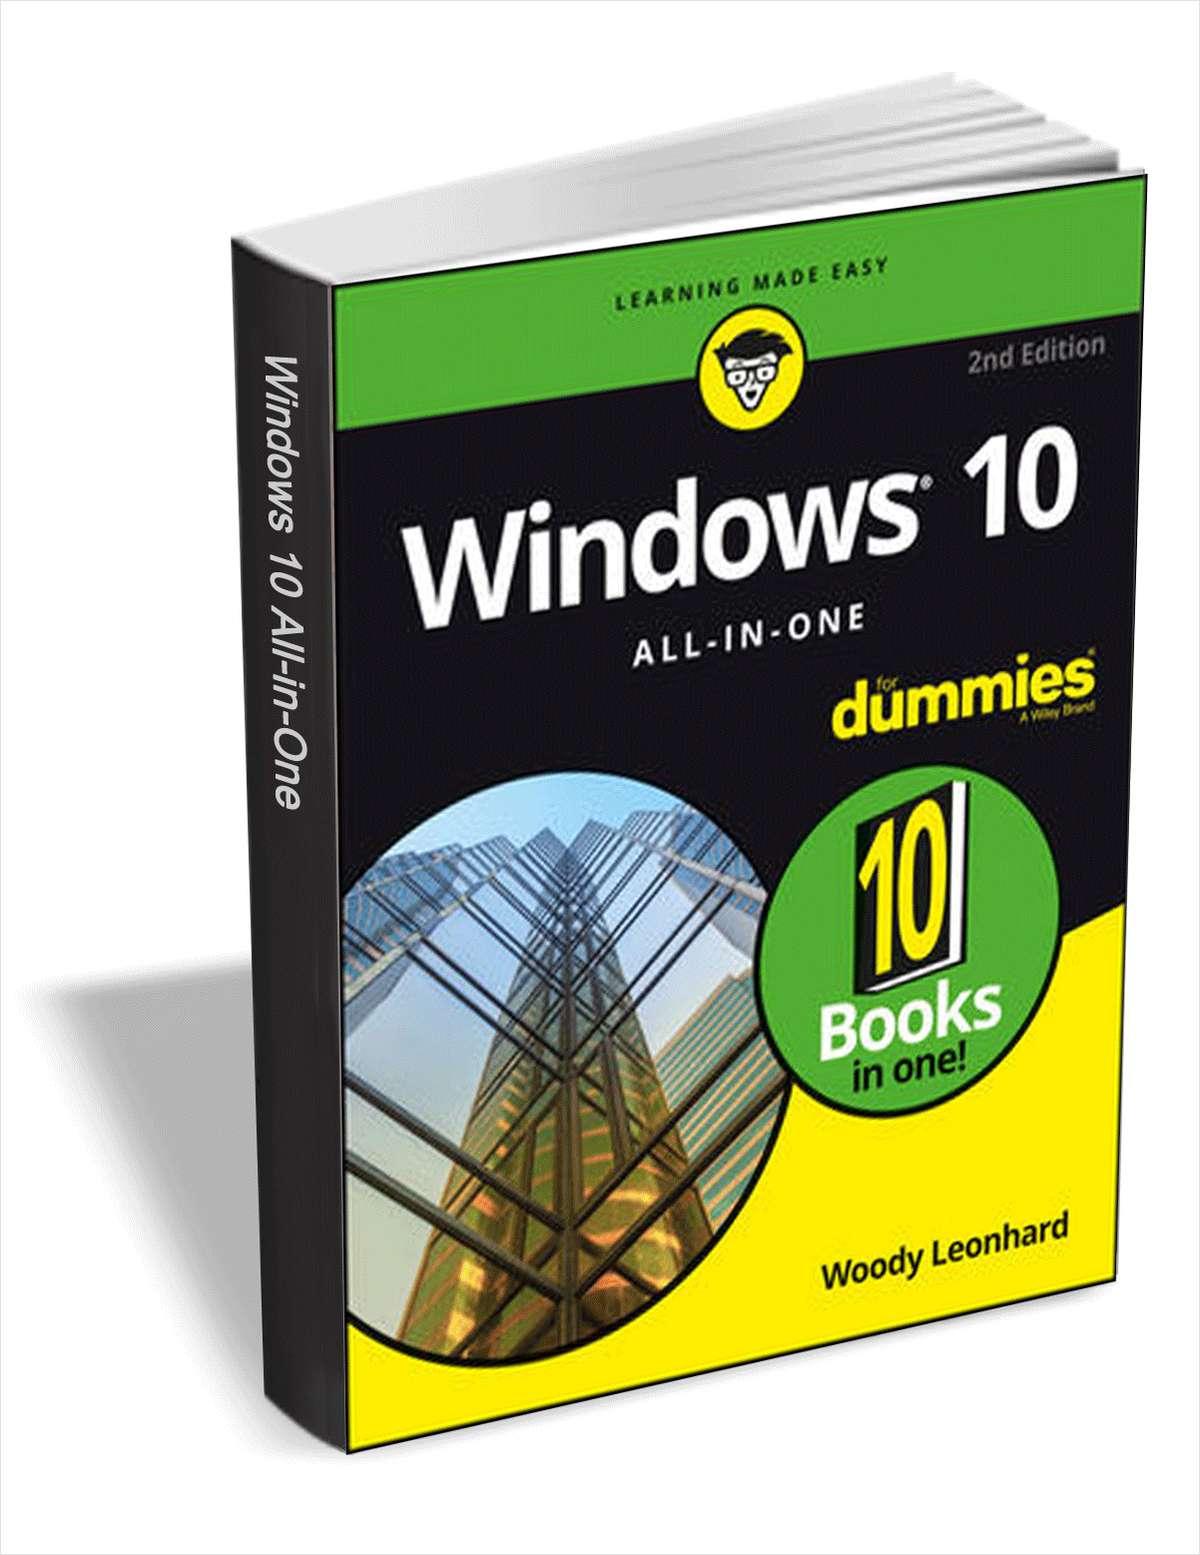 Windows 10 All-In-One For Dummies gratis statt 23,99€